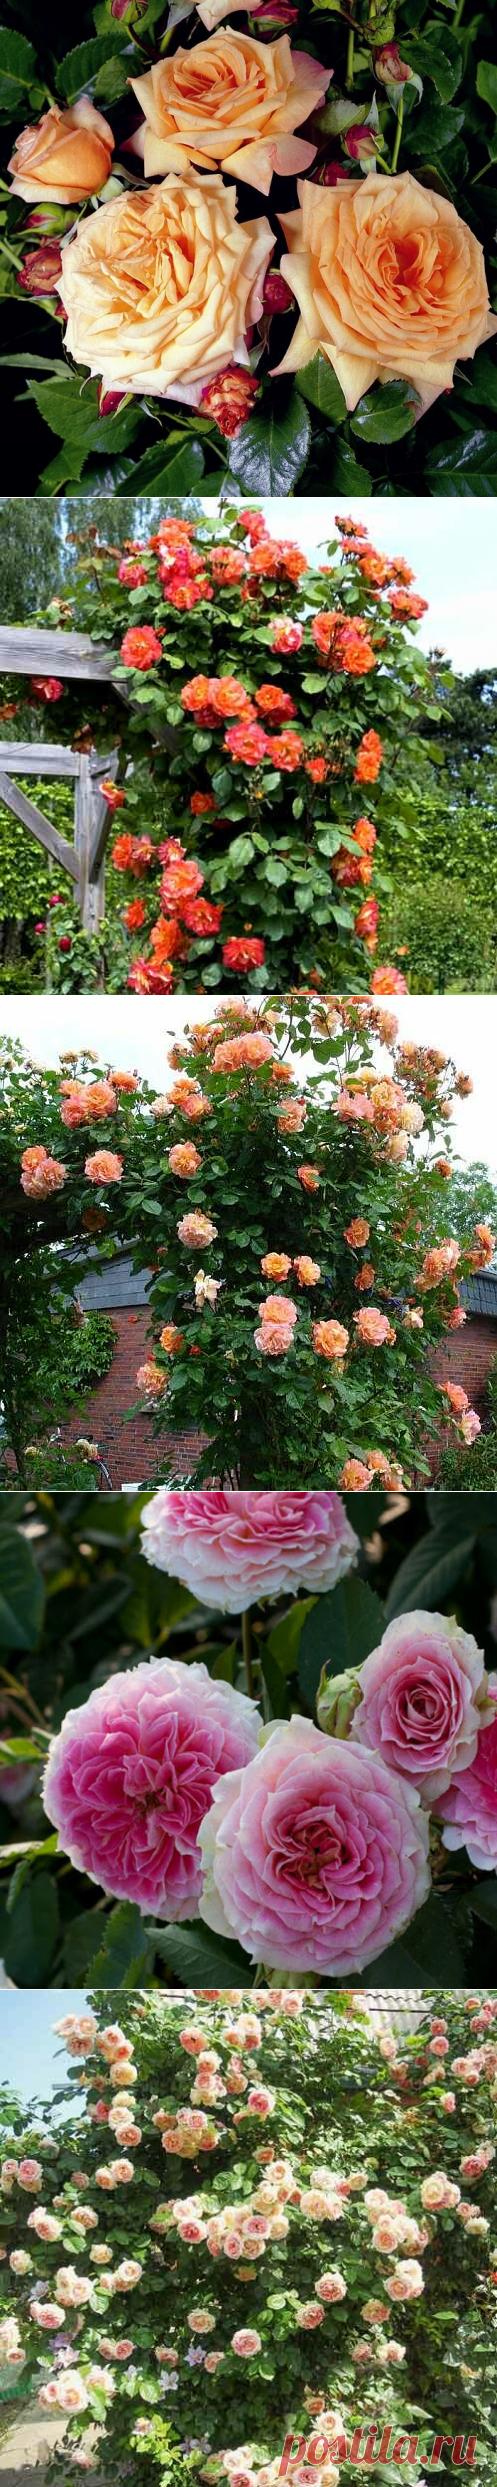 Почему на маленьком участке всегда уместна плетистая роза | Fragoletta (Земляничка) | Яндекс Дзен